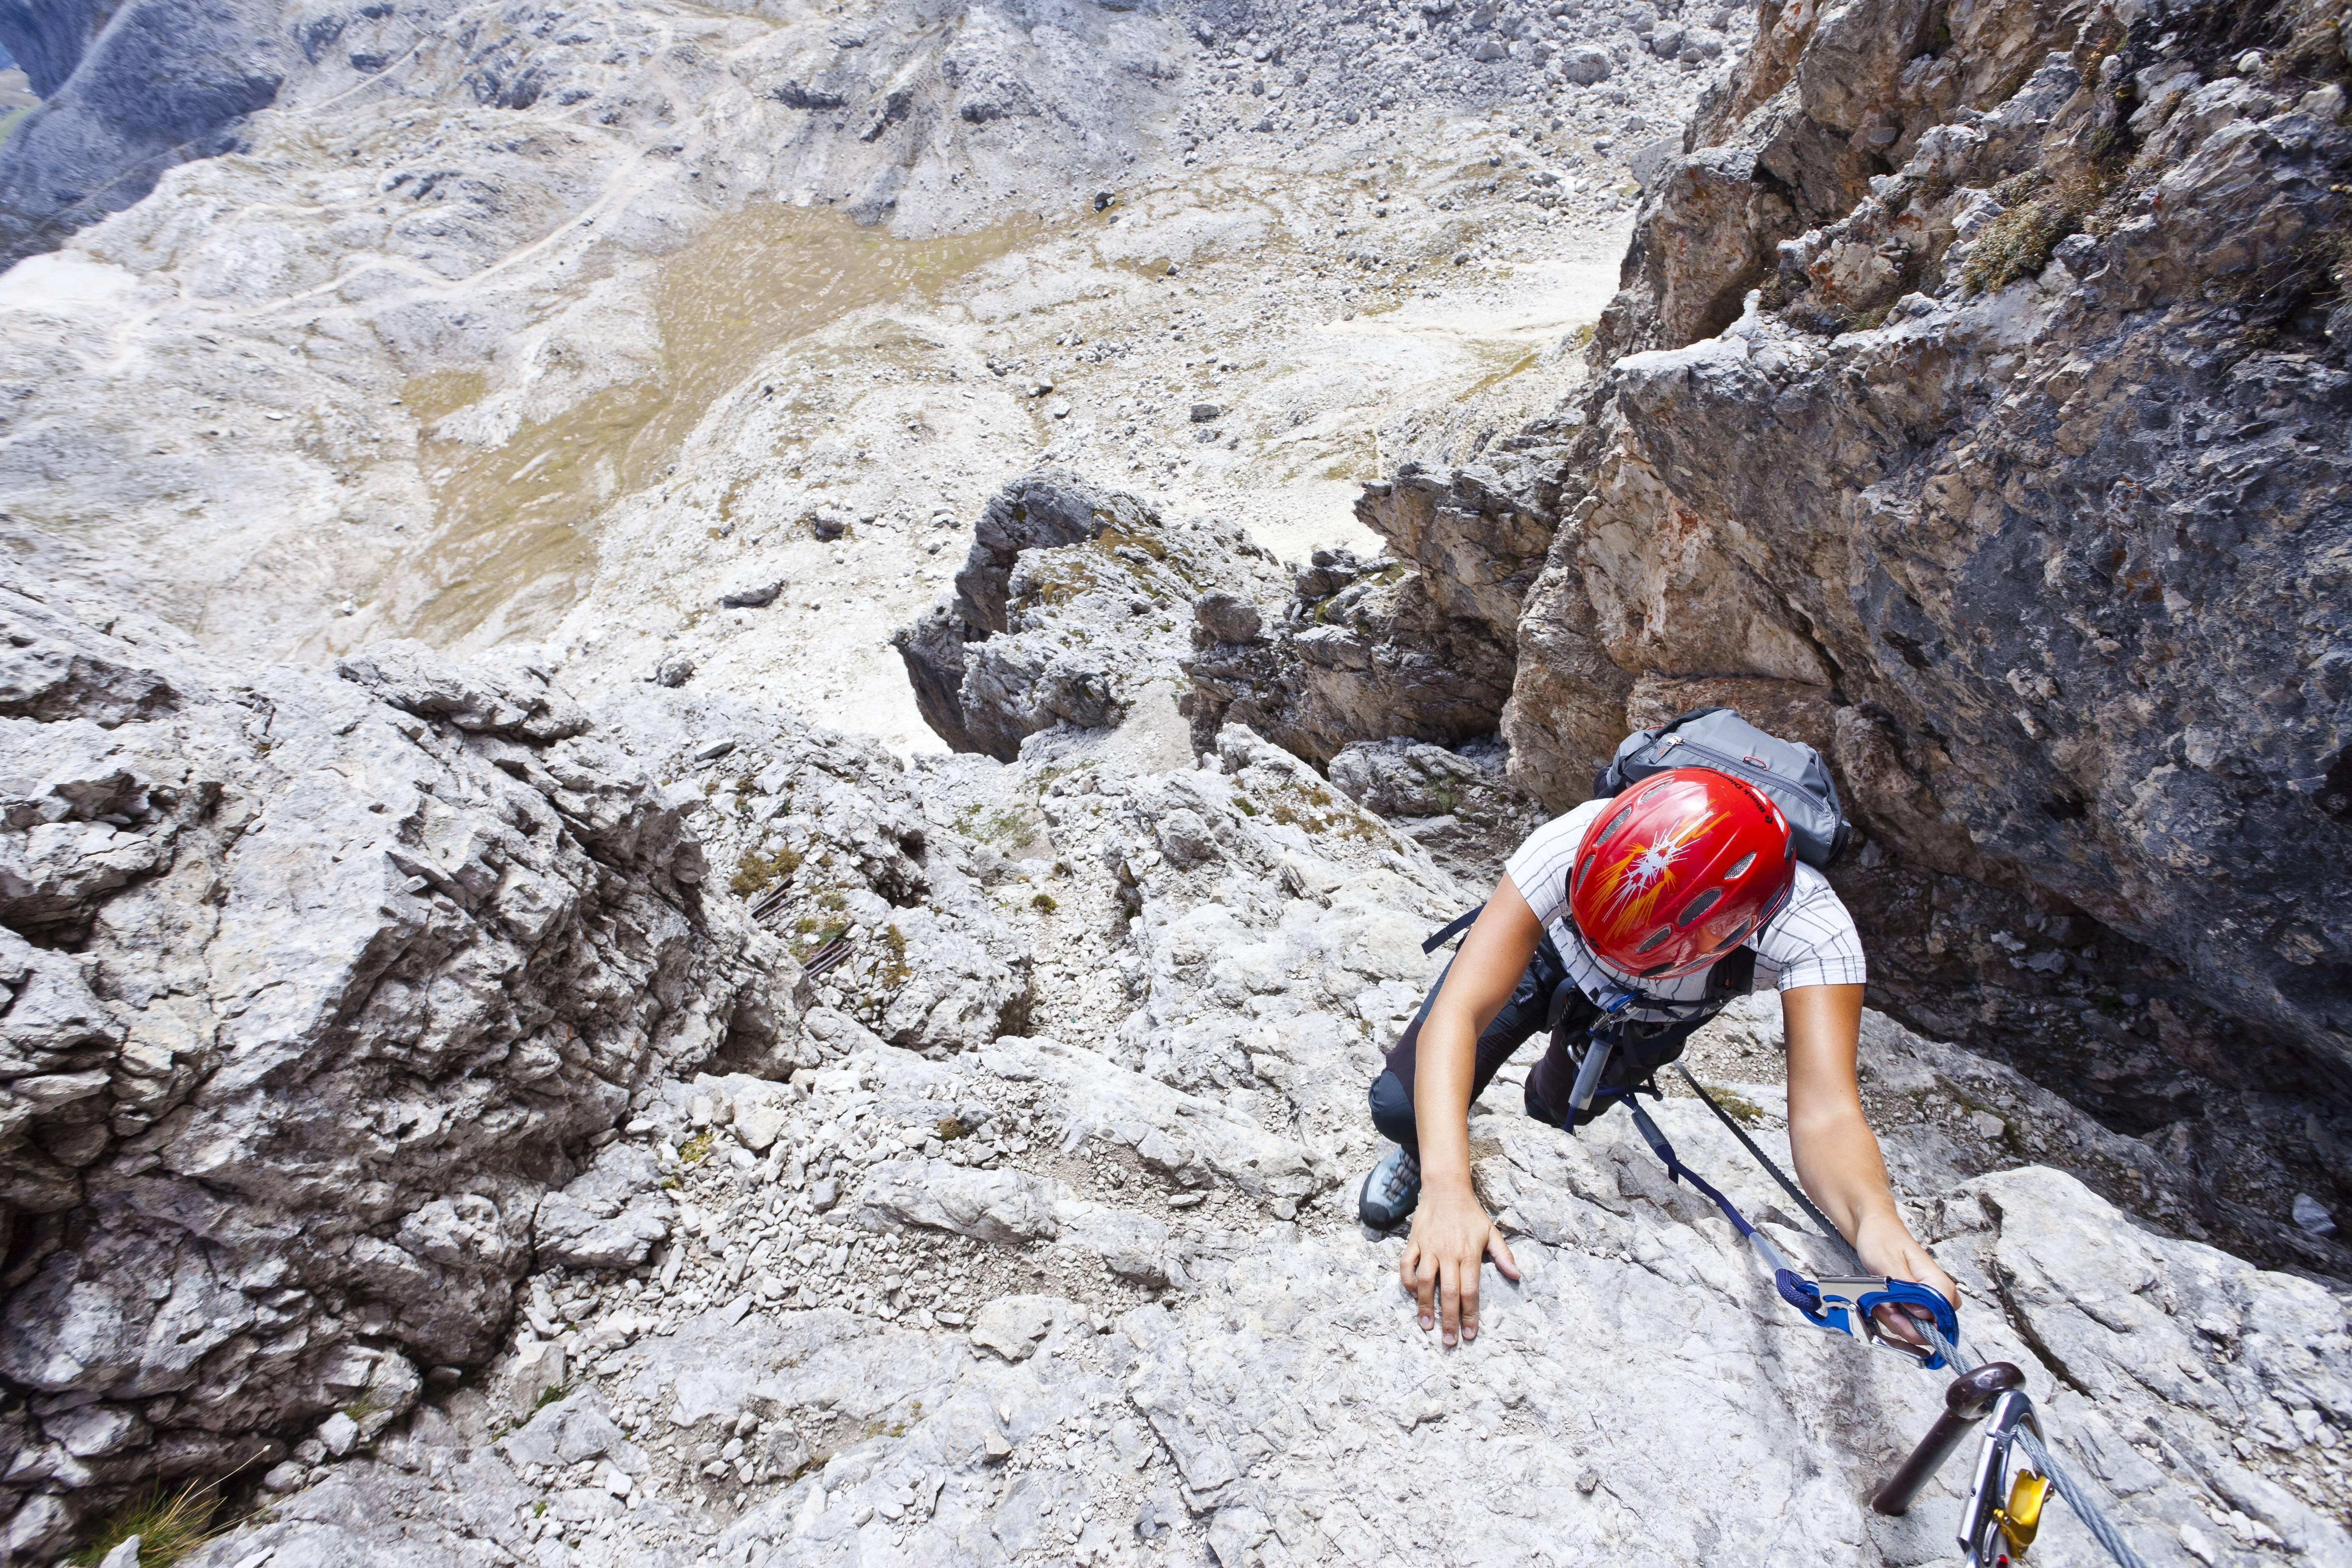 Klettersteigset Hydra : Climbhow ferrata: sicher auf klettersteigen unterwegs